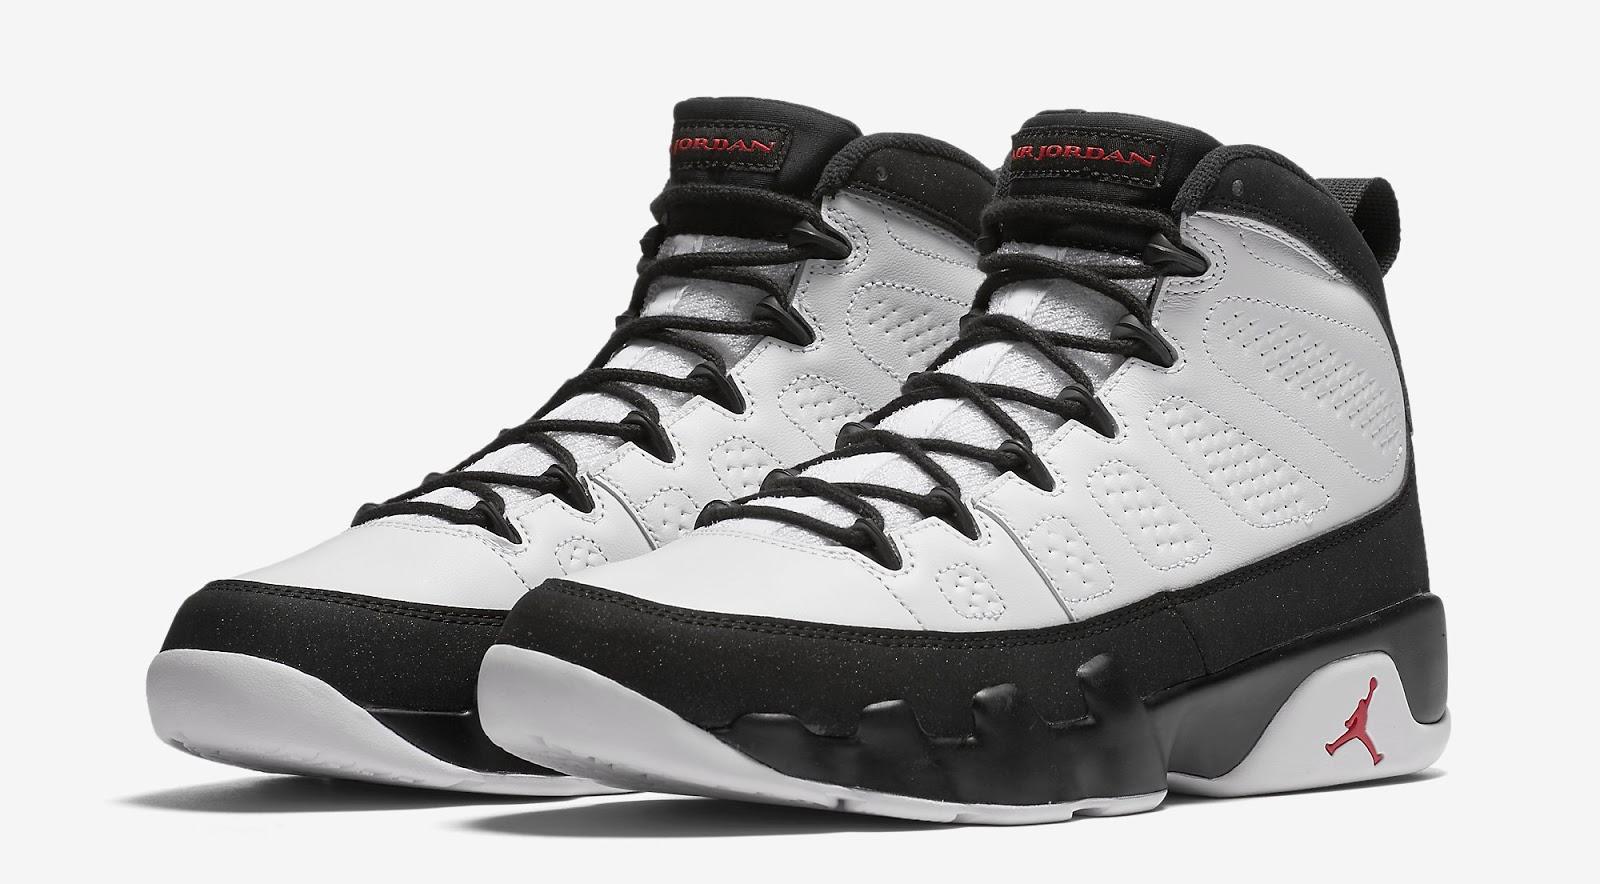 online retailer 9ae03 237b8 Air Jordan 9 Retro